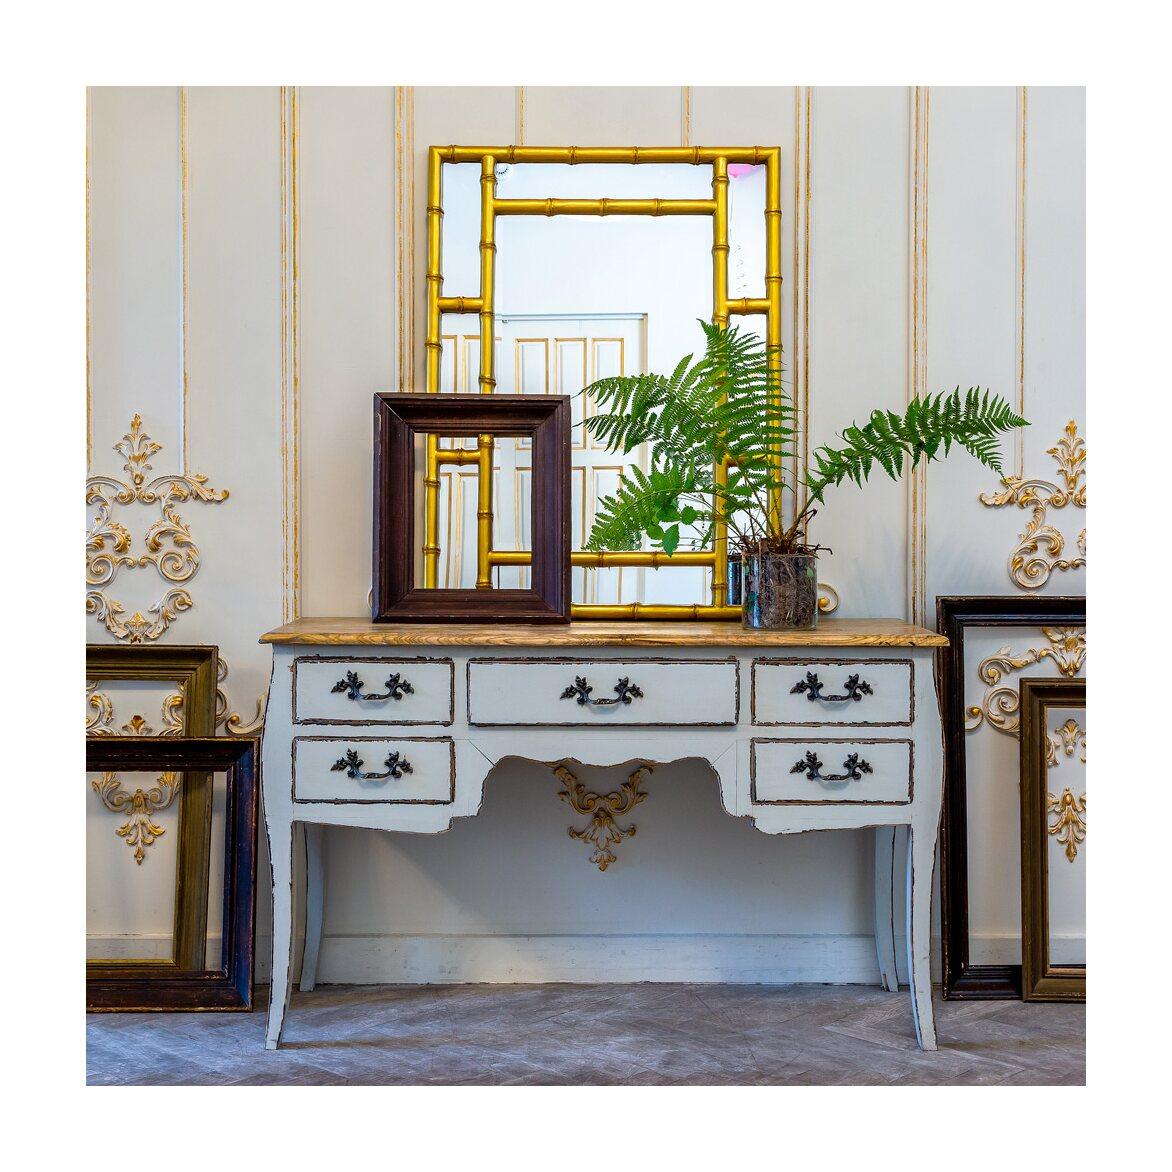 Настенное зеркало «Ориент» 5 | Настенные зеркала Kingsby